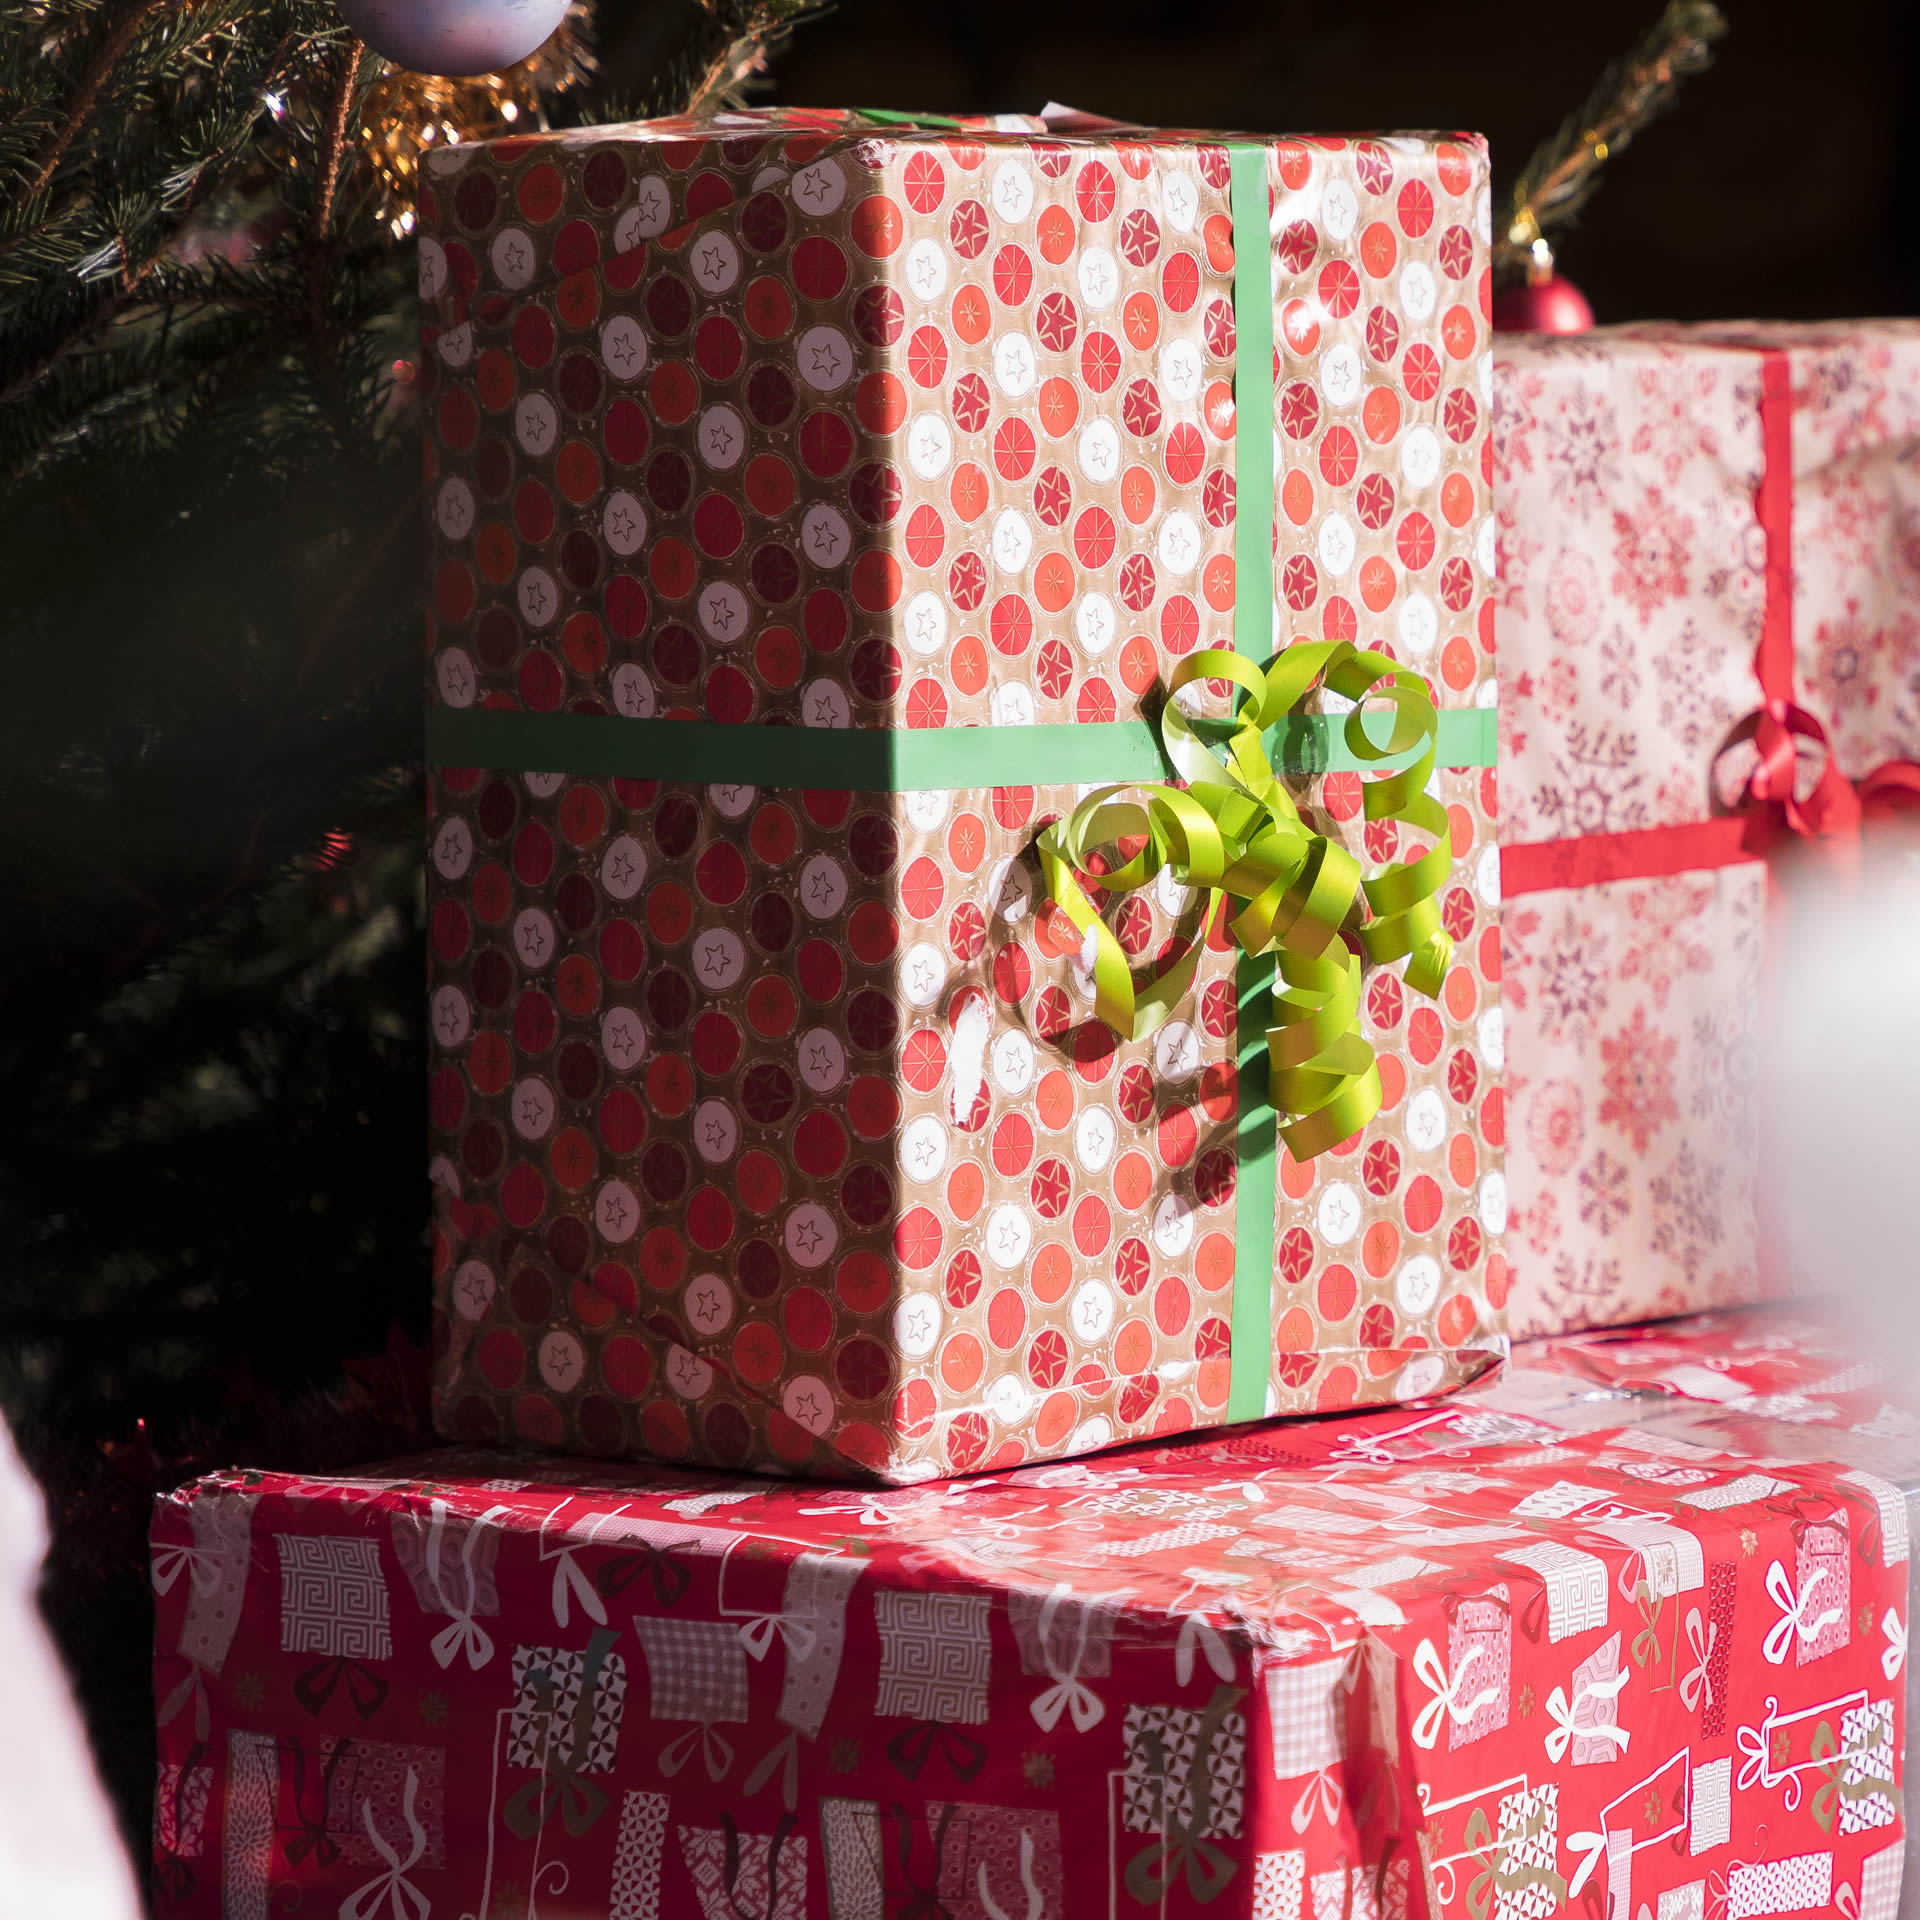 Cadeaux - Souvenirs